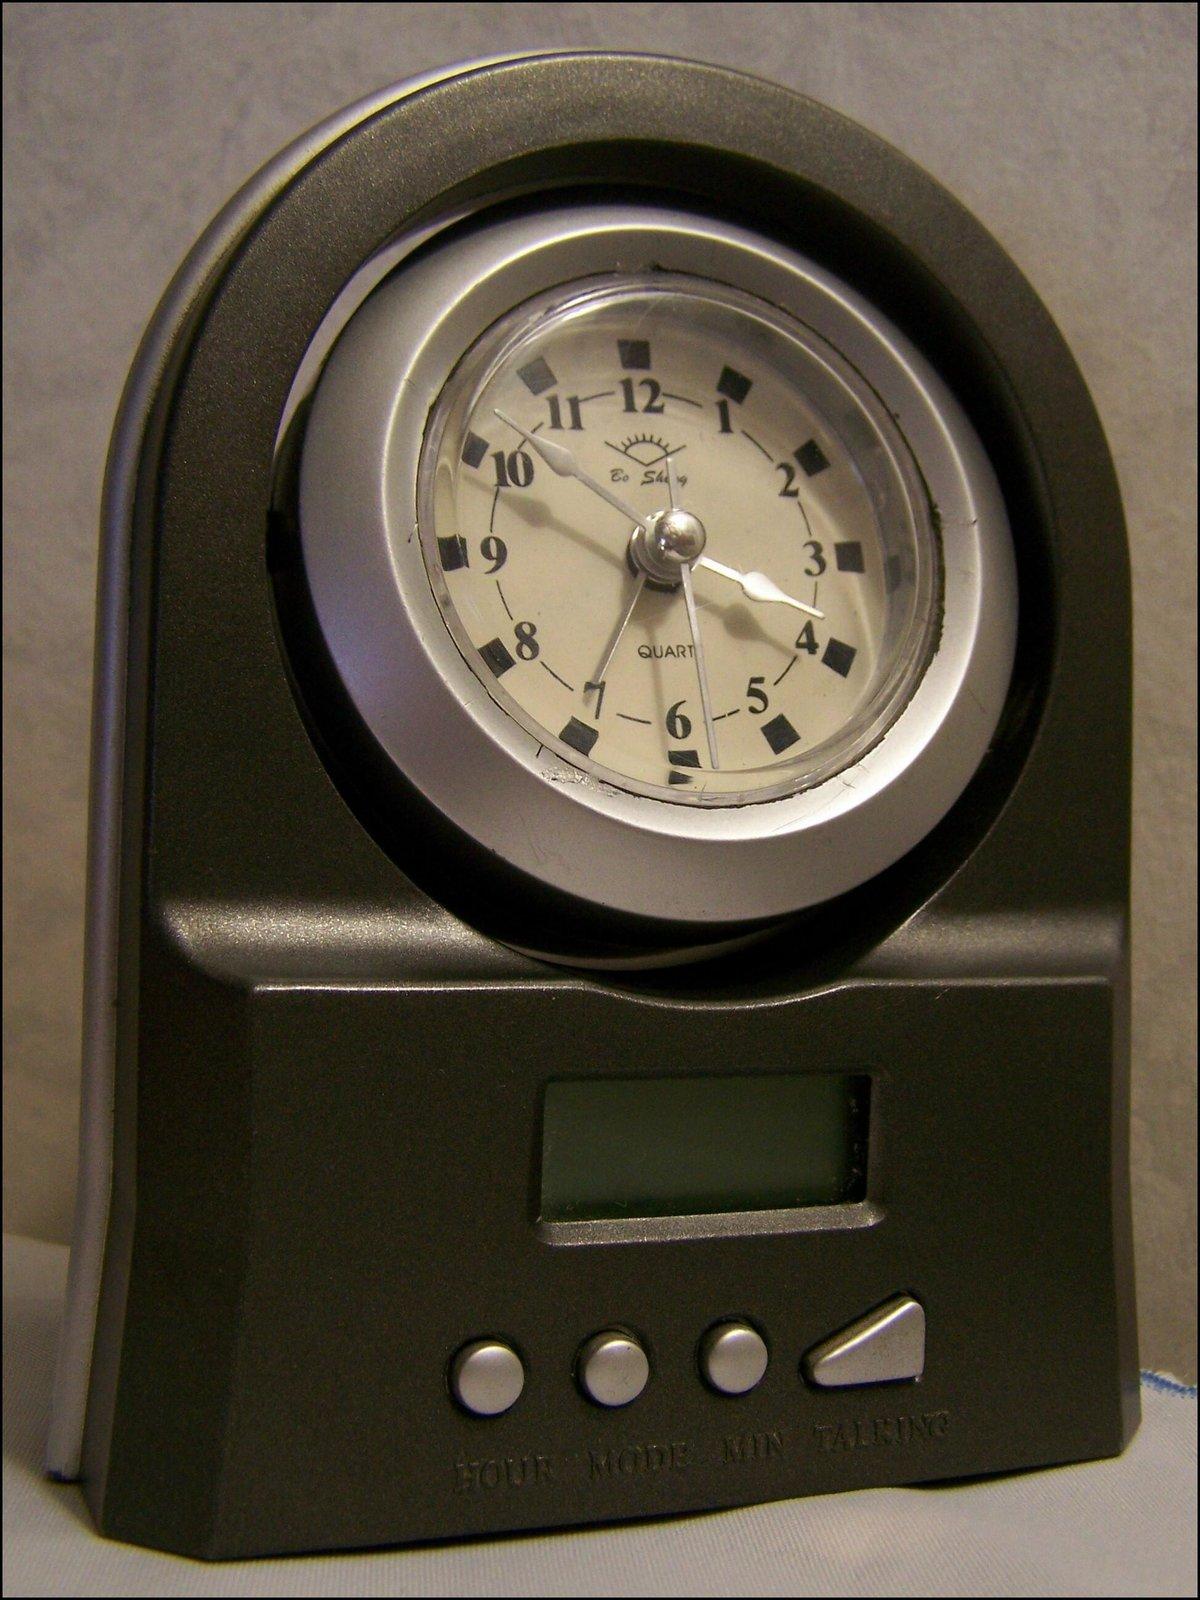 Tellmethetime предоставляет говорящие часы и ночные часы.